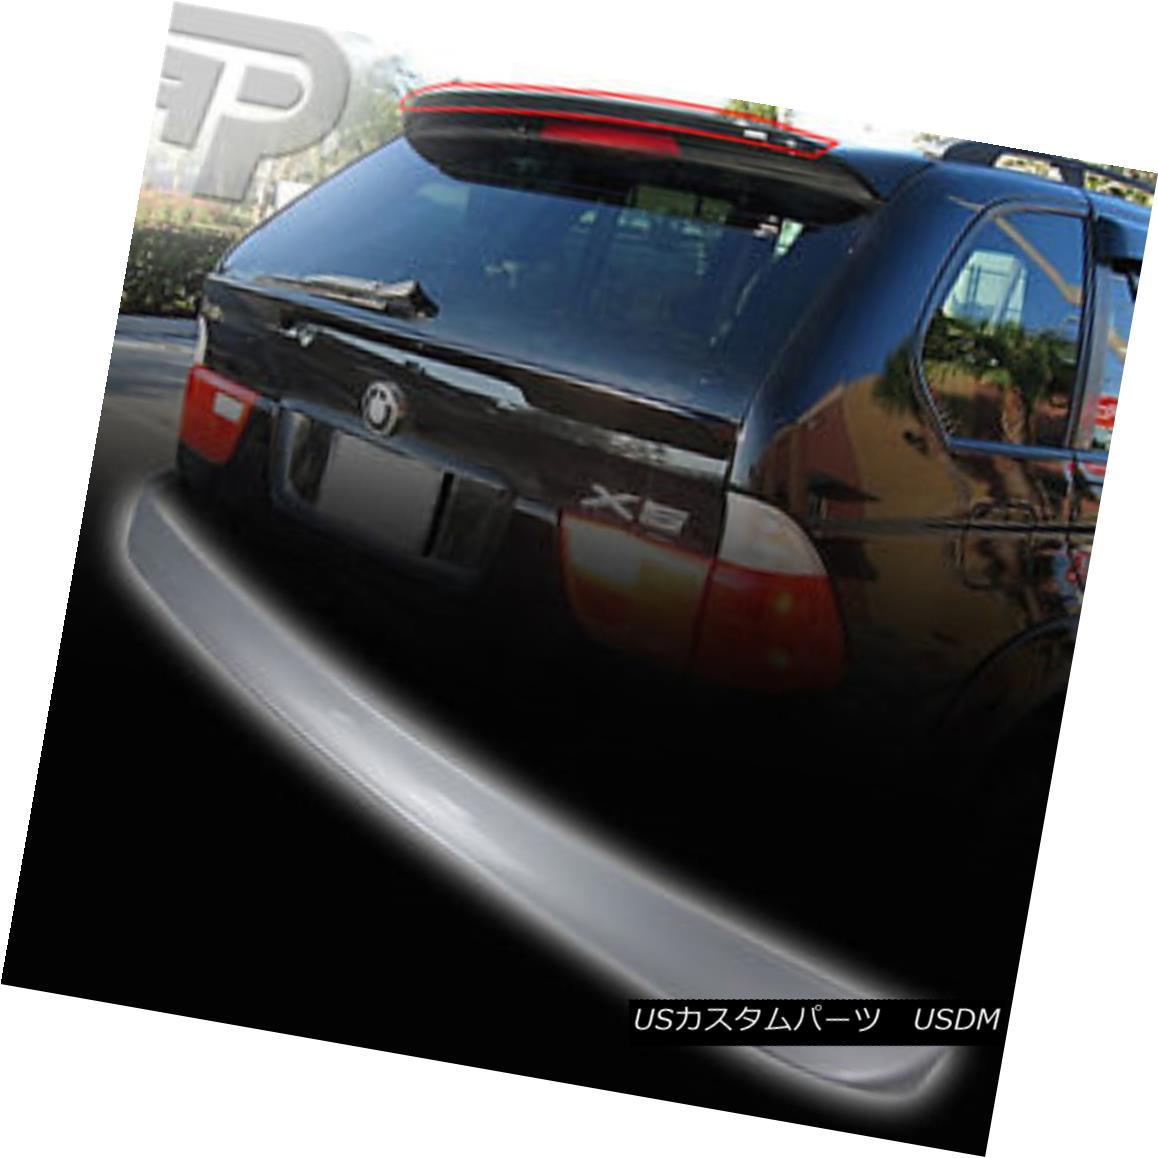 エアロパーツ PAINTED BMW E53 X5 REAR TRUNK BOOT SPOILER A-TYPE 00-06 塗装済みBMW E53 X5リアトランク・ブーツ・スポイラーA-TYPE 00-06